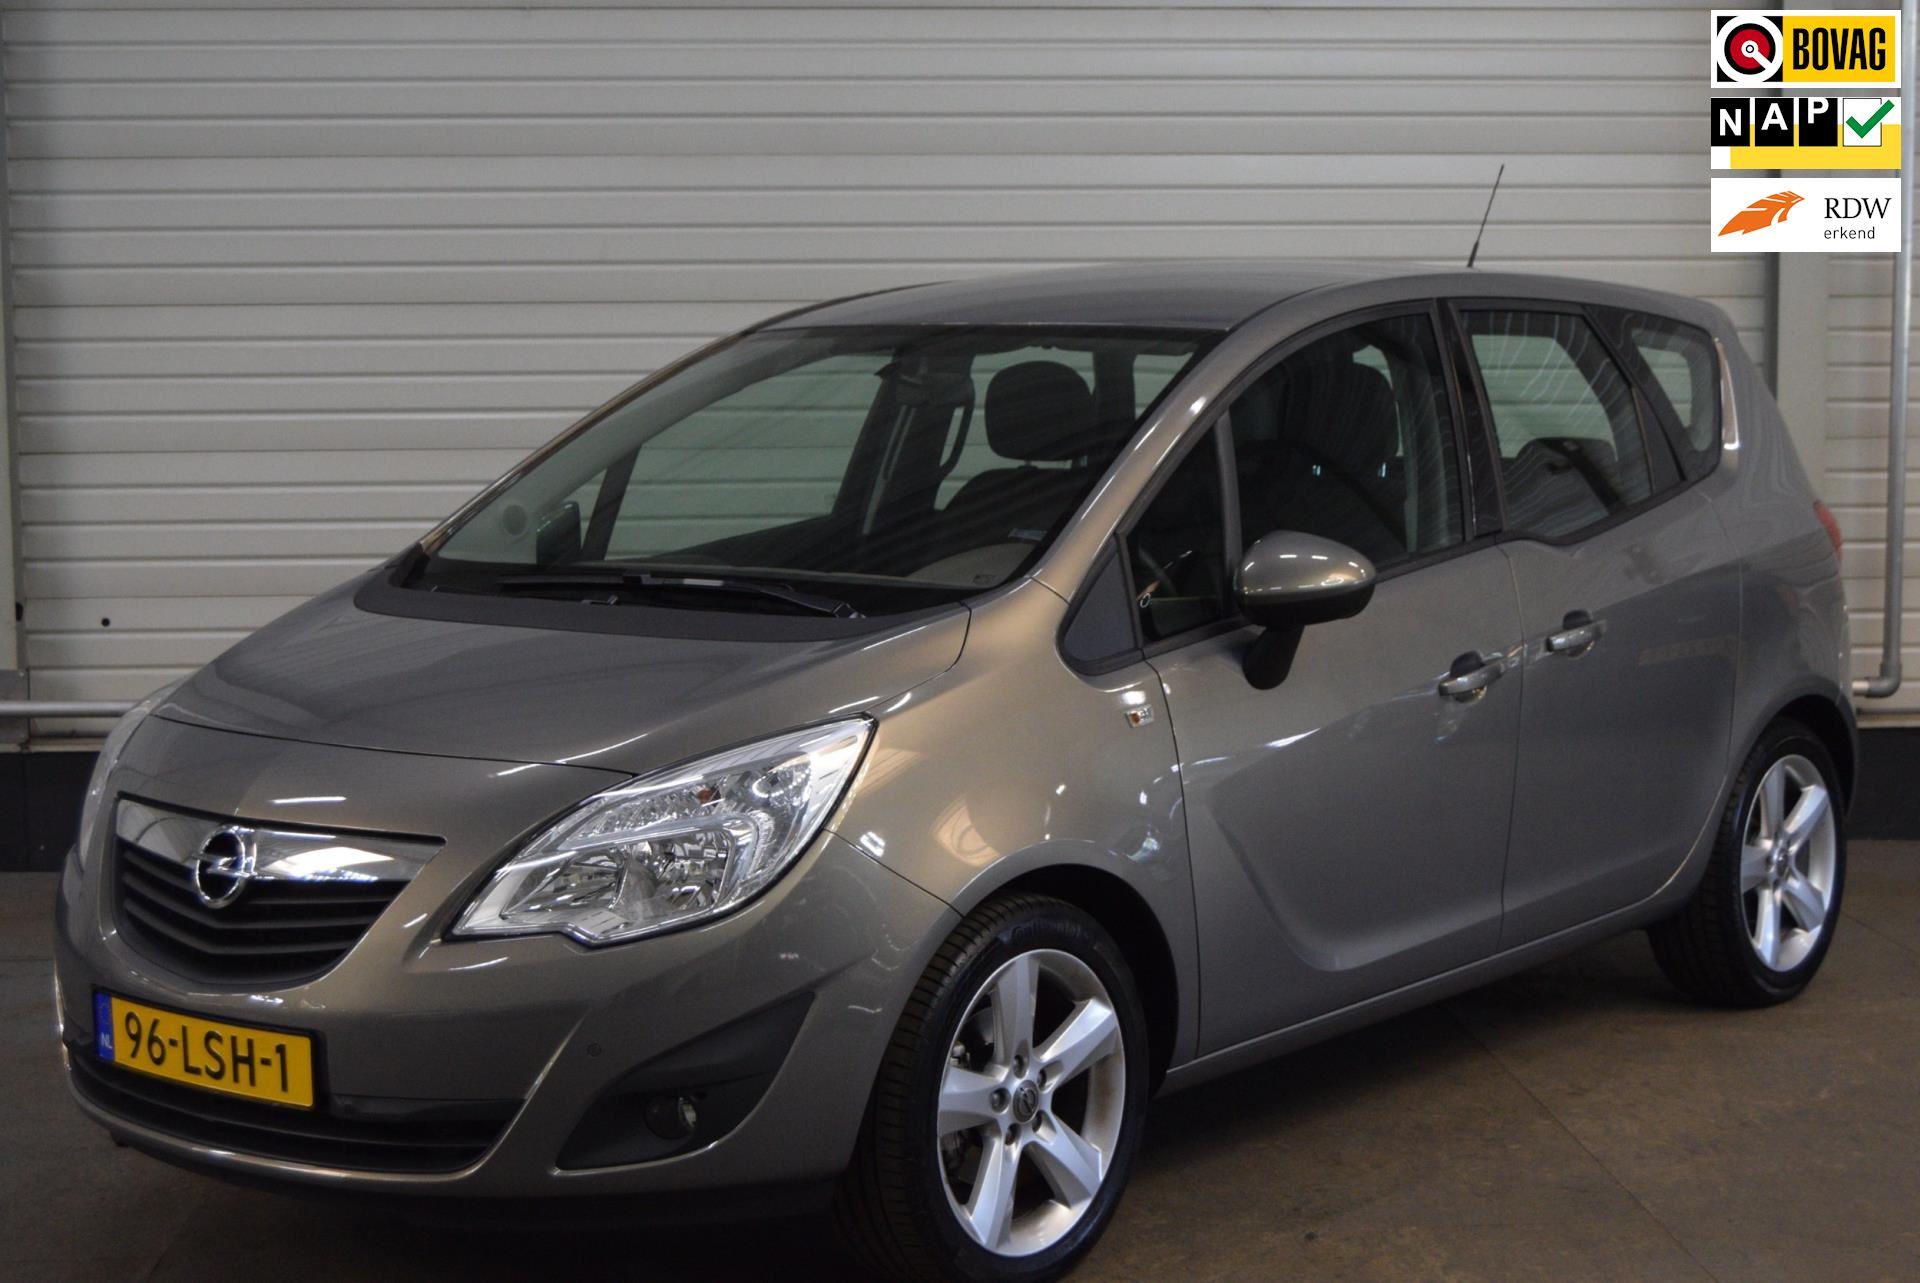 Opel Meriva occasion - Autobedrijf van de Werken bv